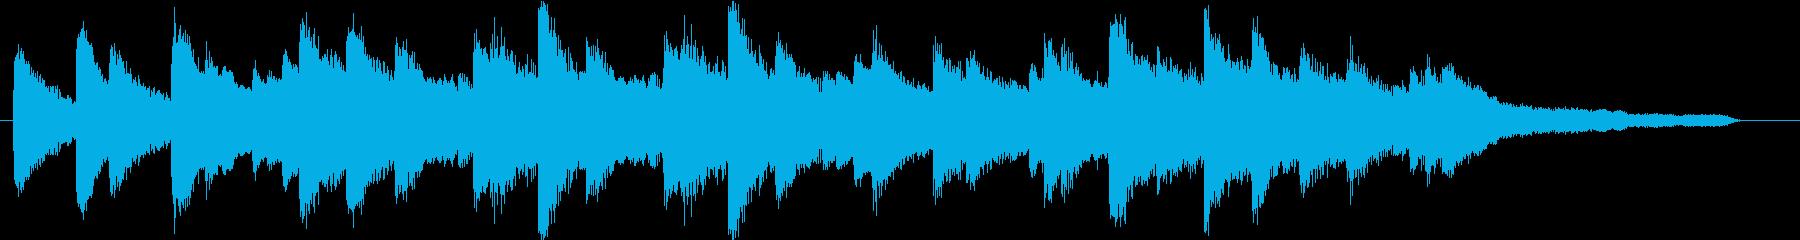 おしゃれなジャズ バラード ジングルの再生済みの波形